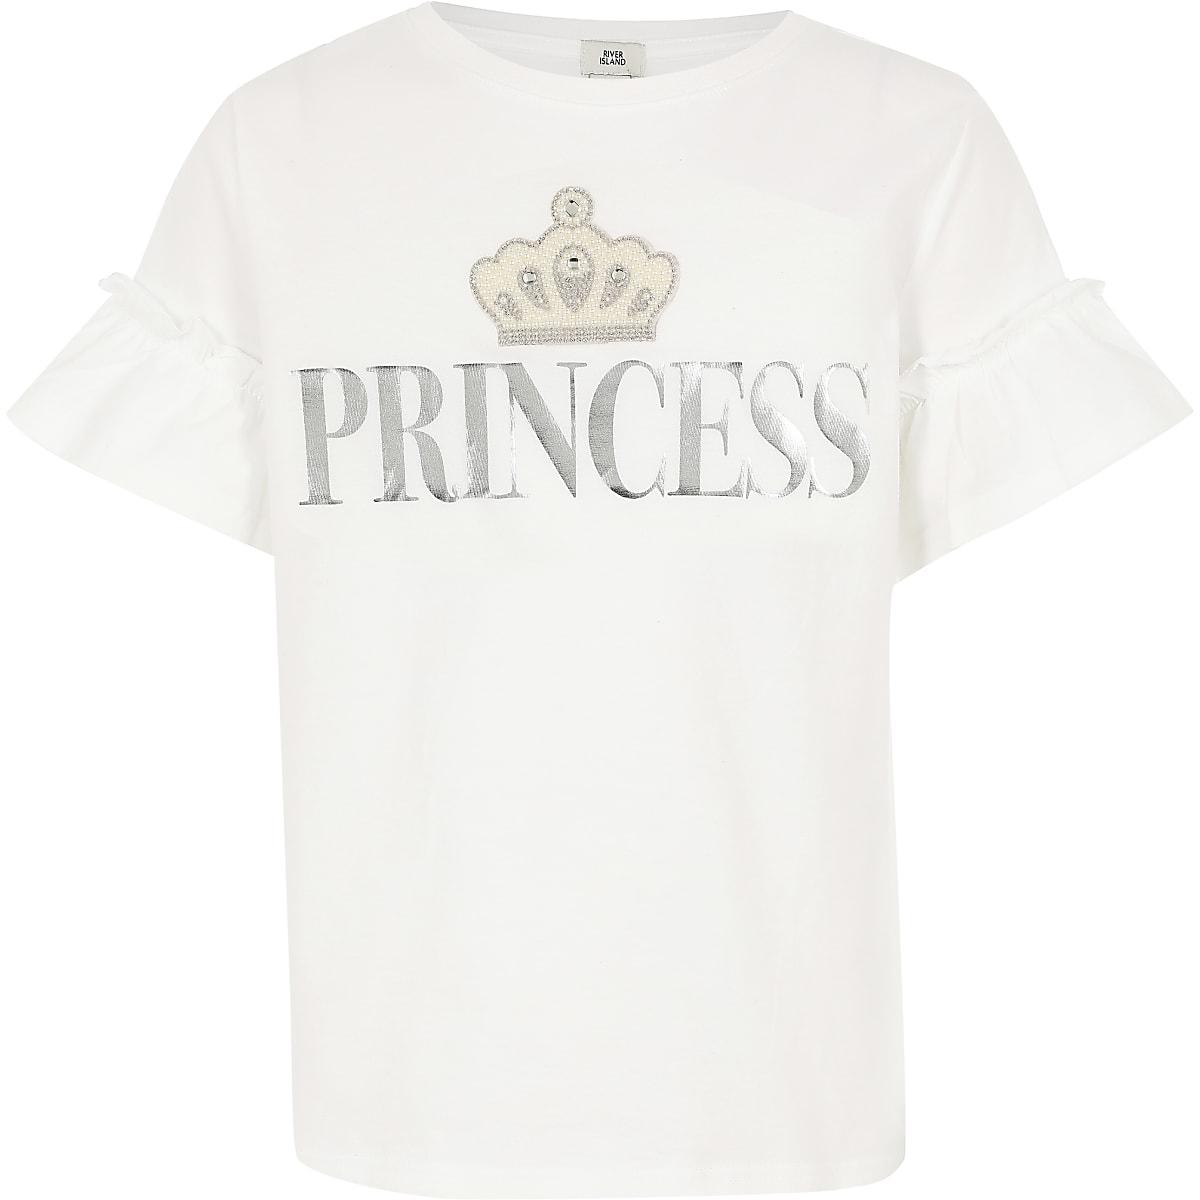 Girls 'Princess' frill sleeve T-shirt